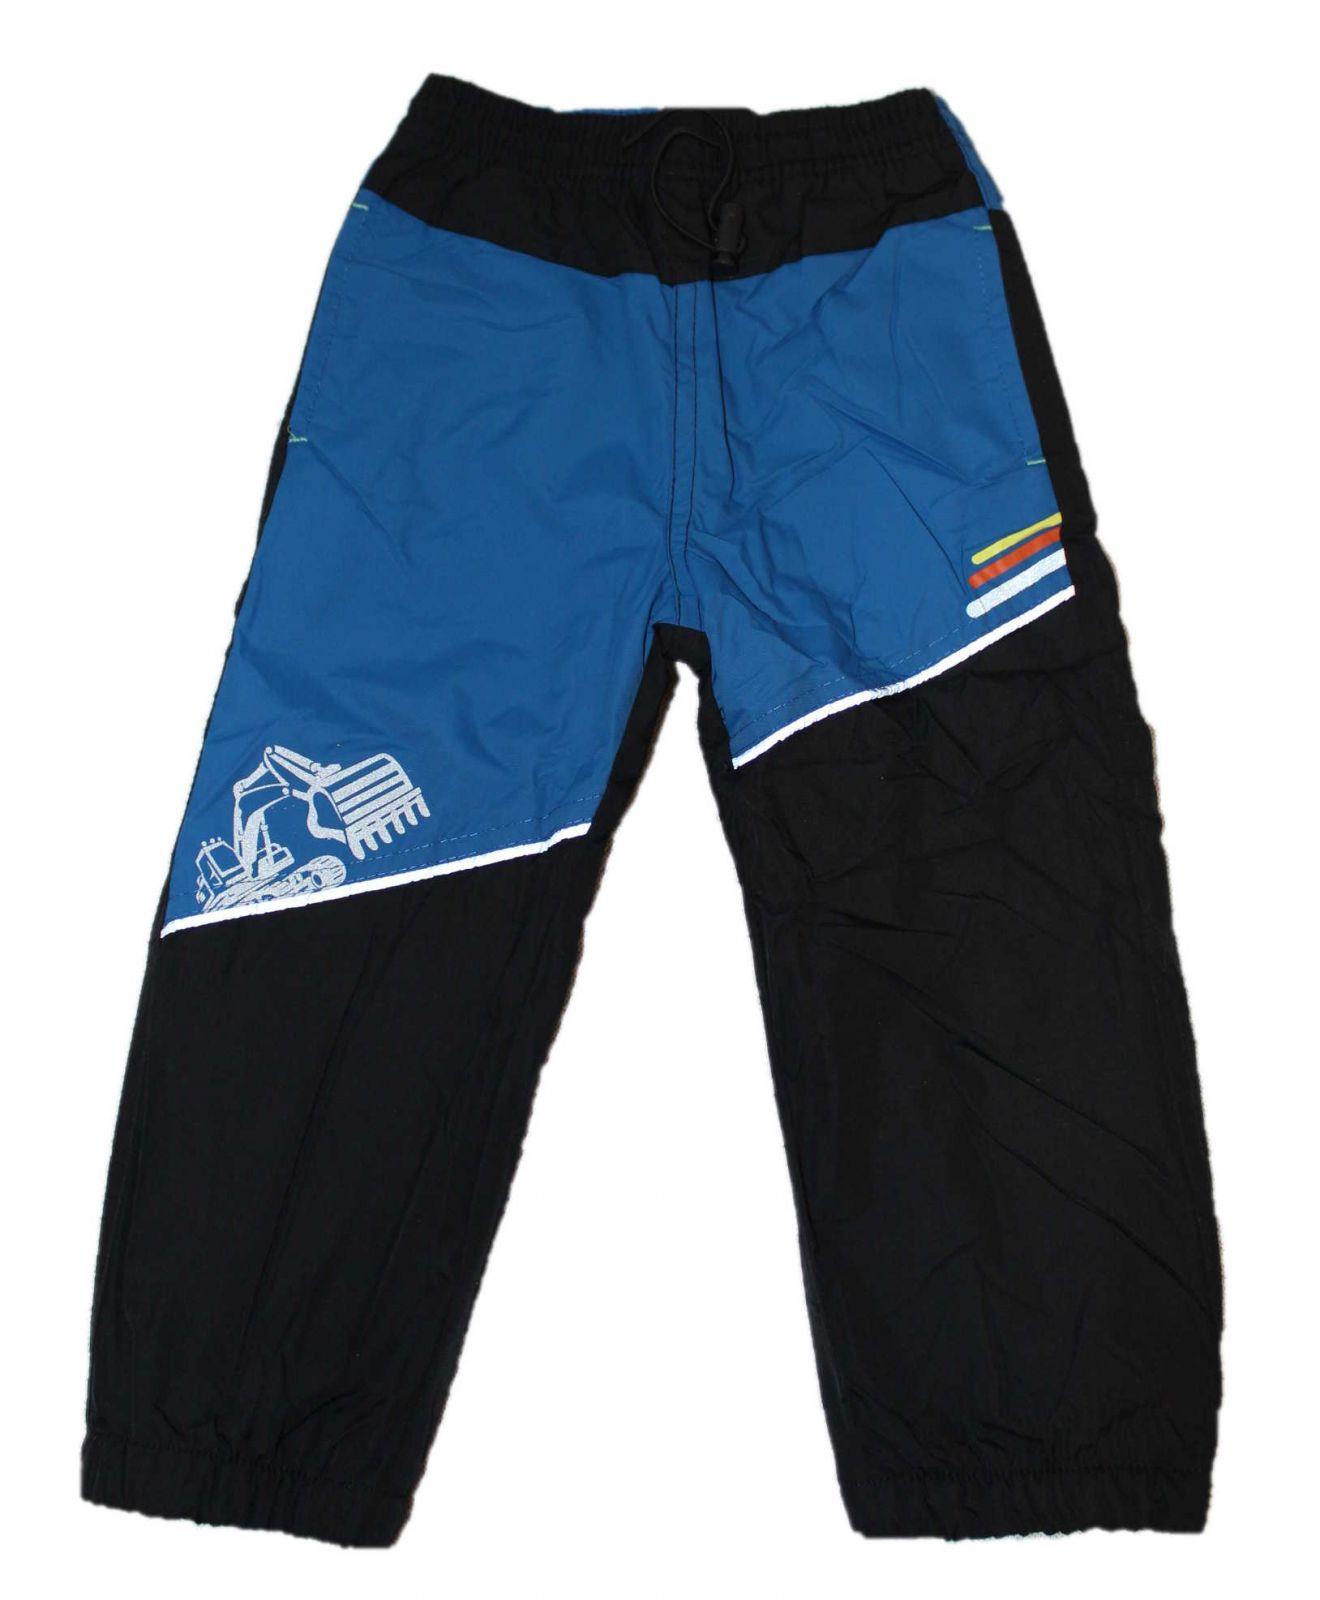 Dětské zateplené šusťákové kalhoty KUGO, jarní kalhoty, podzimní kalhoty